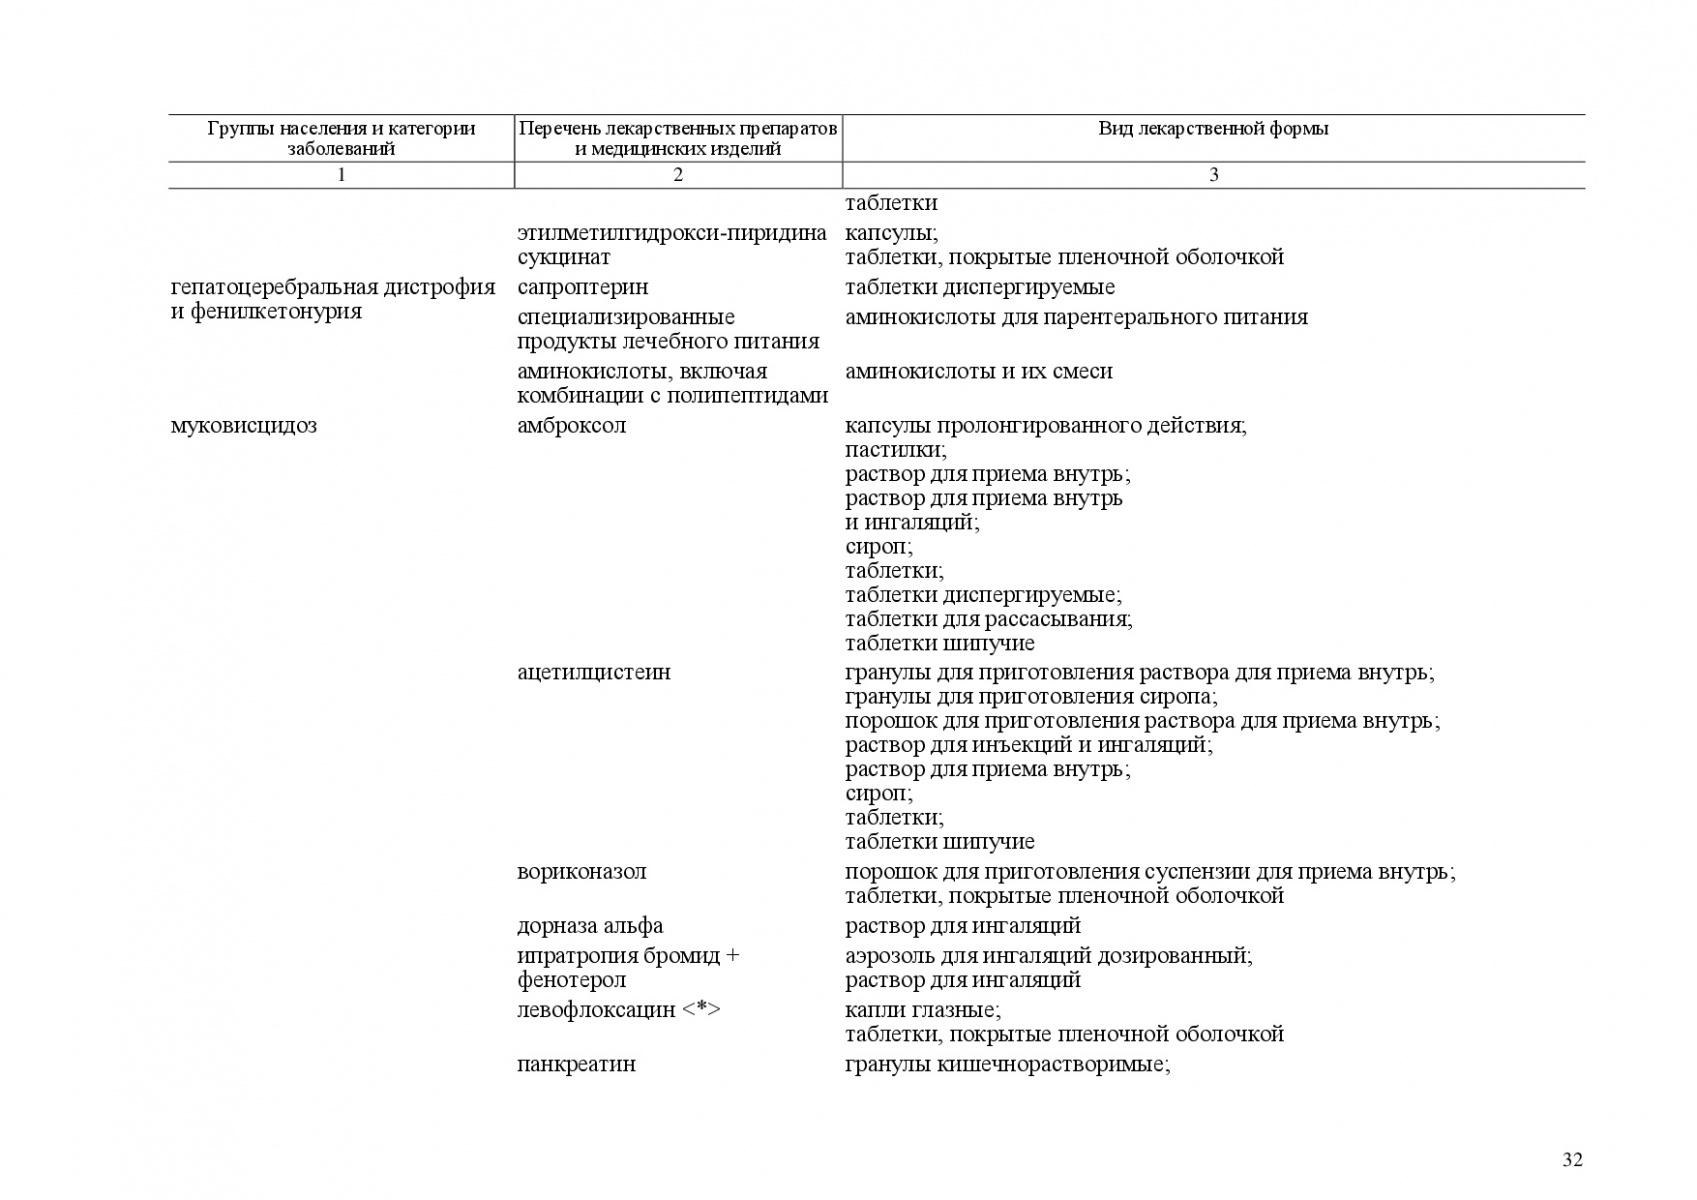 Prilozhenie-6-127-OD-032